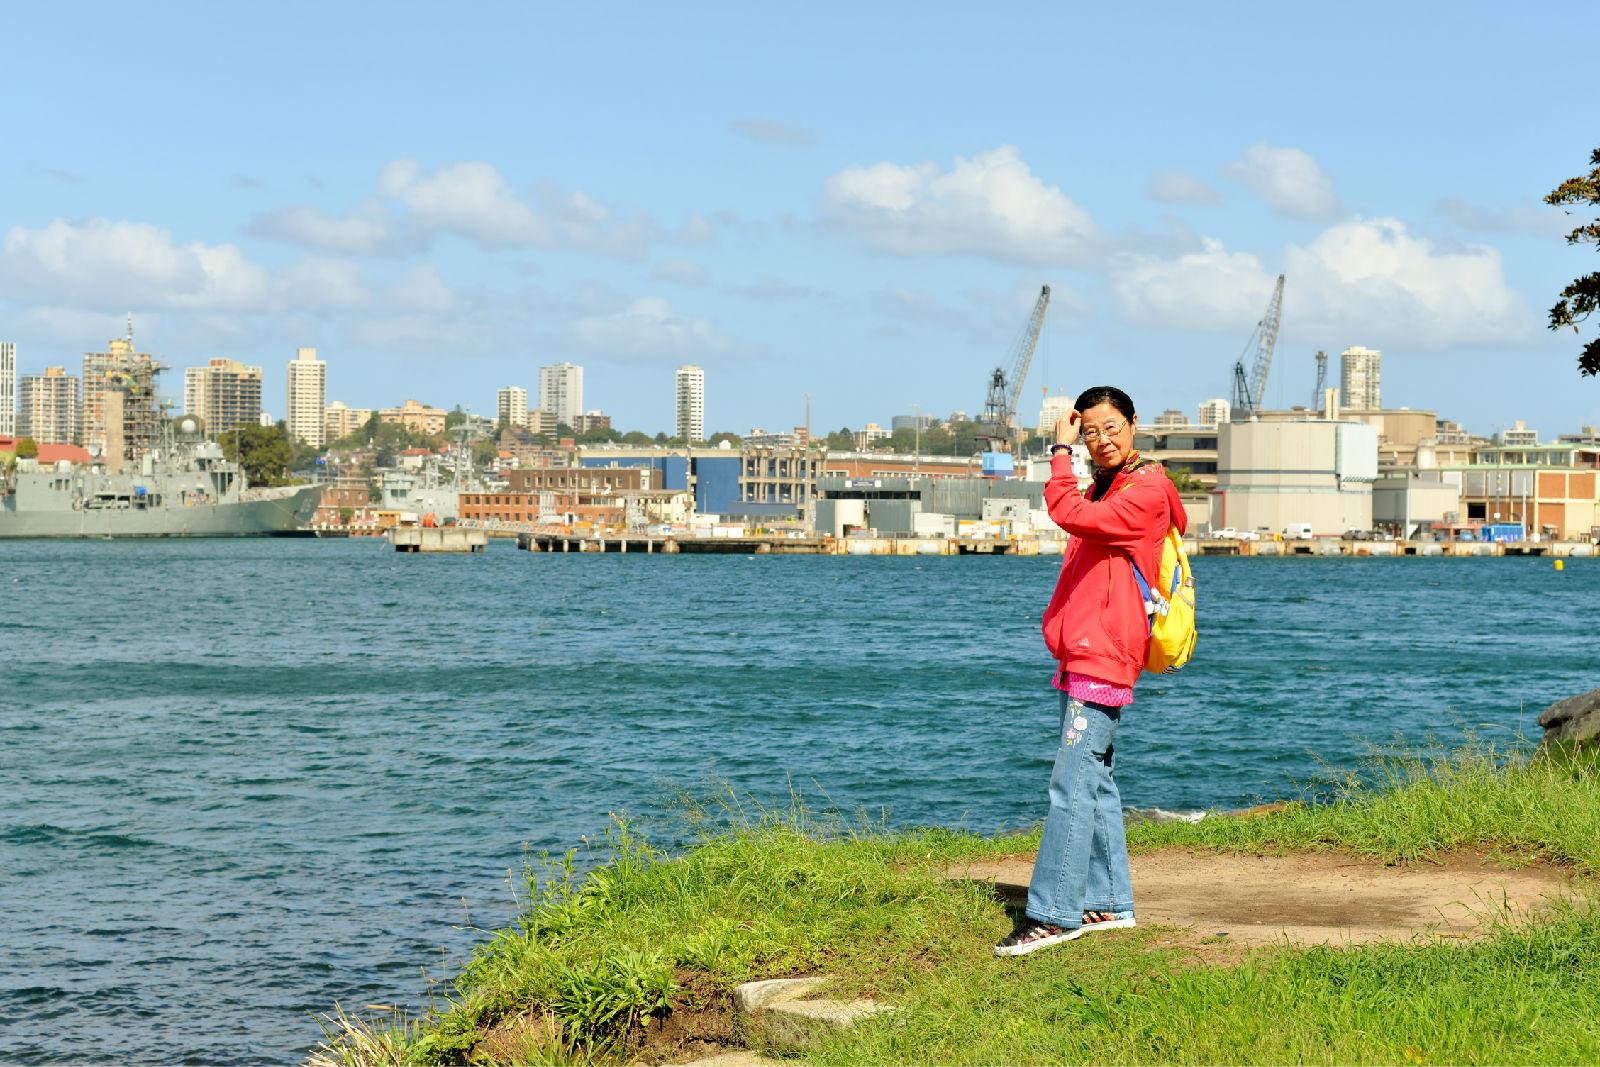 澳大利亚旅游攻略图片488